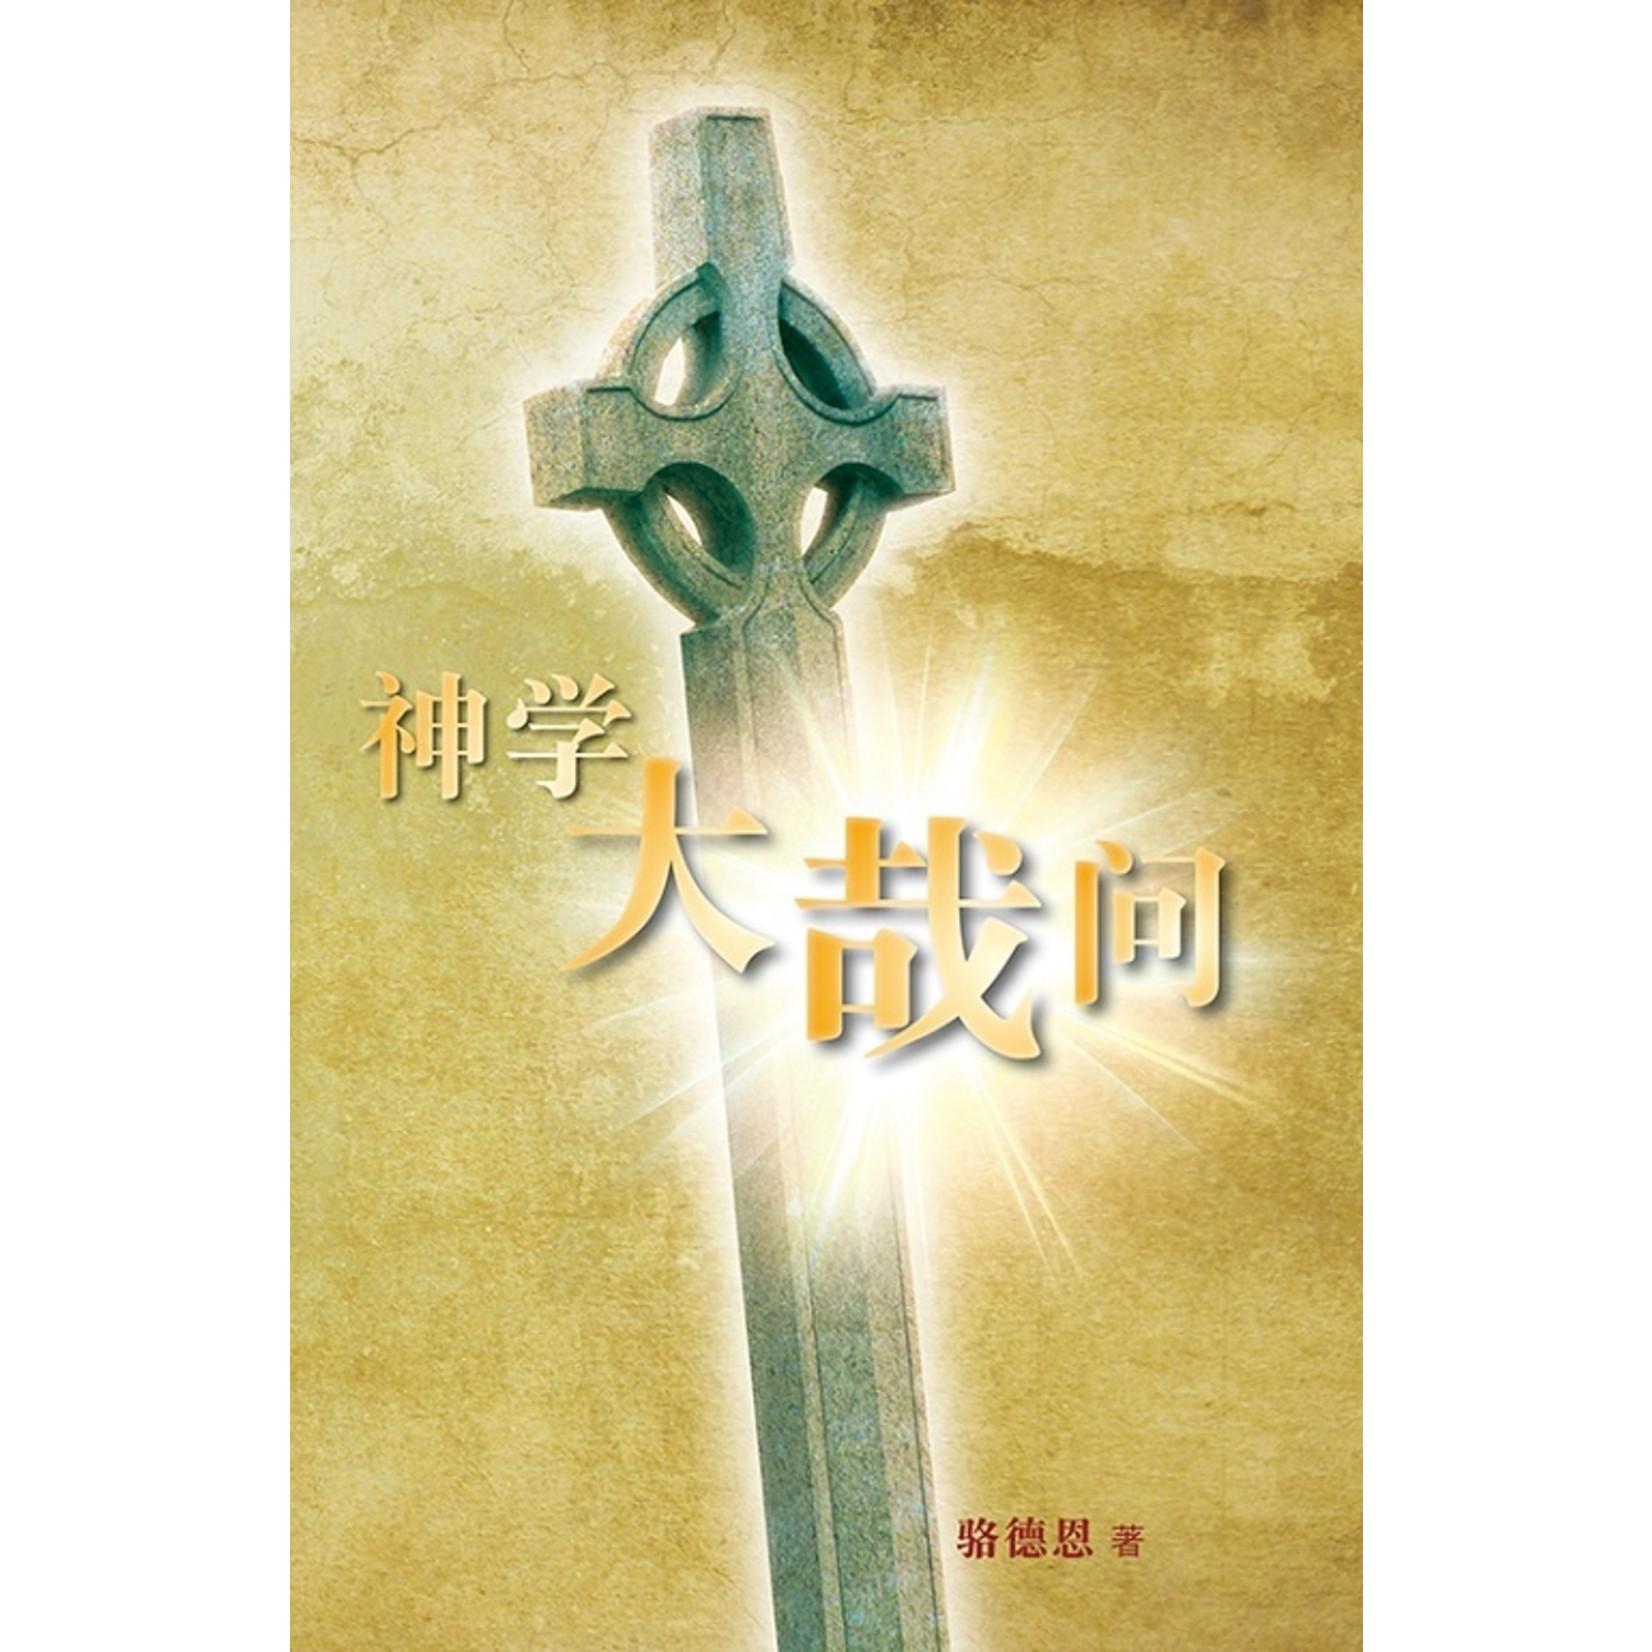 天道書樓 Tien Dao Publishing House 神學大哉問:護教式系統神學(簡體版)